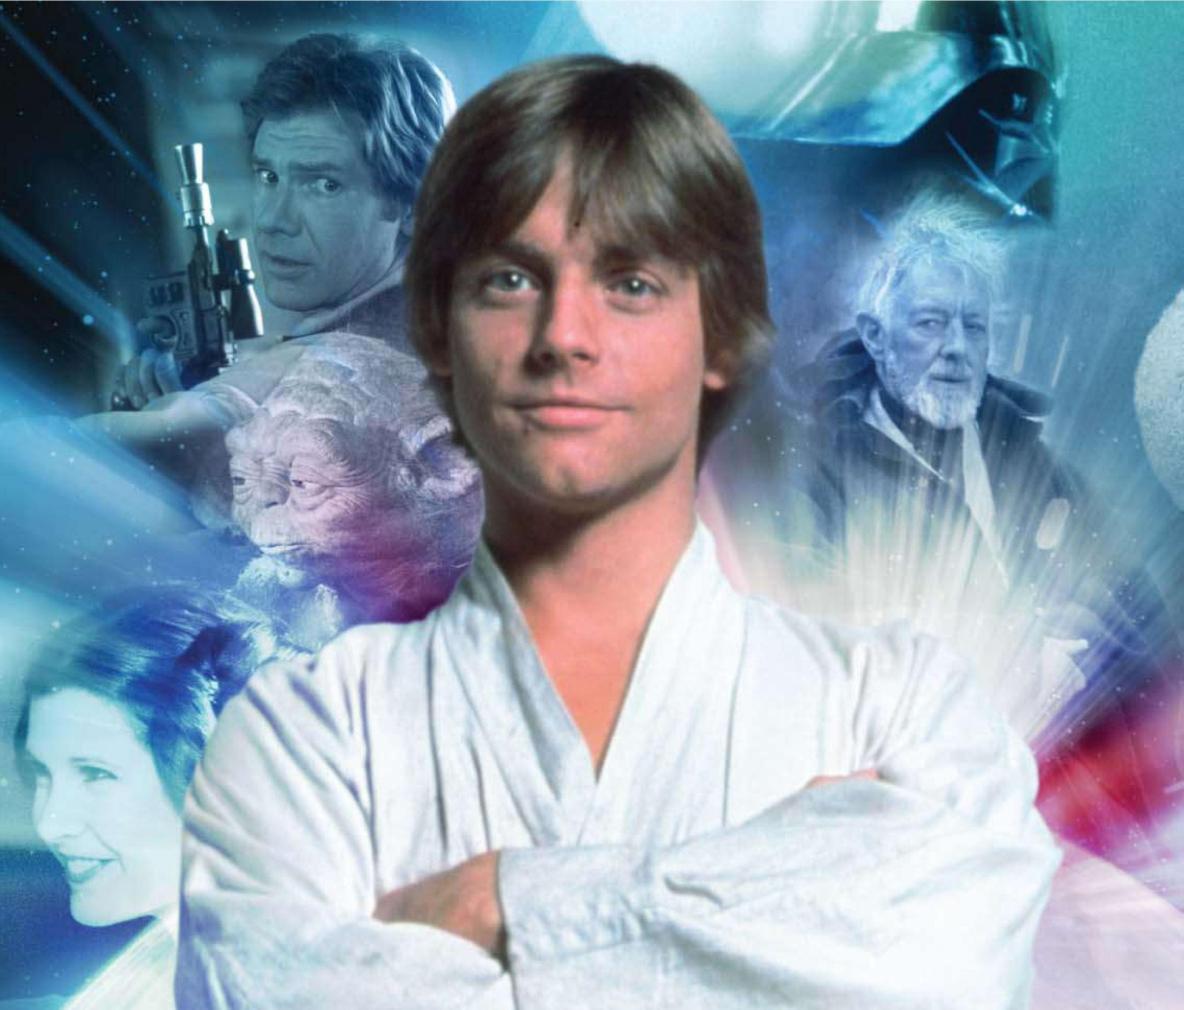 Luke, relationships